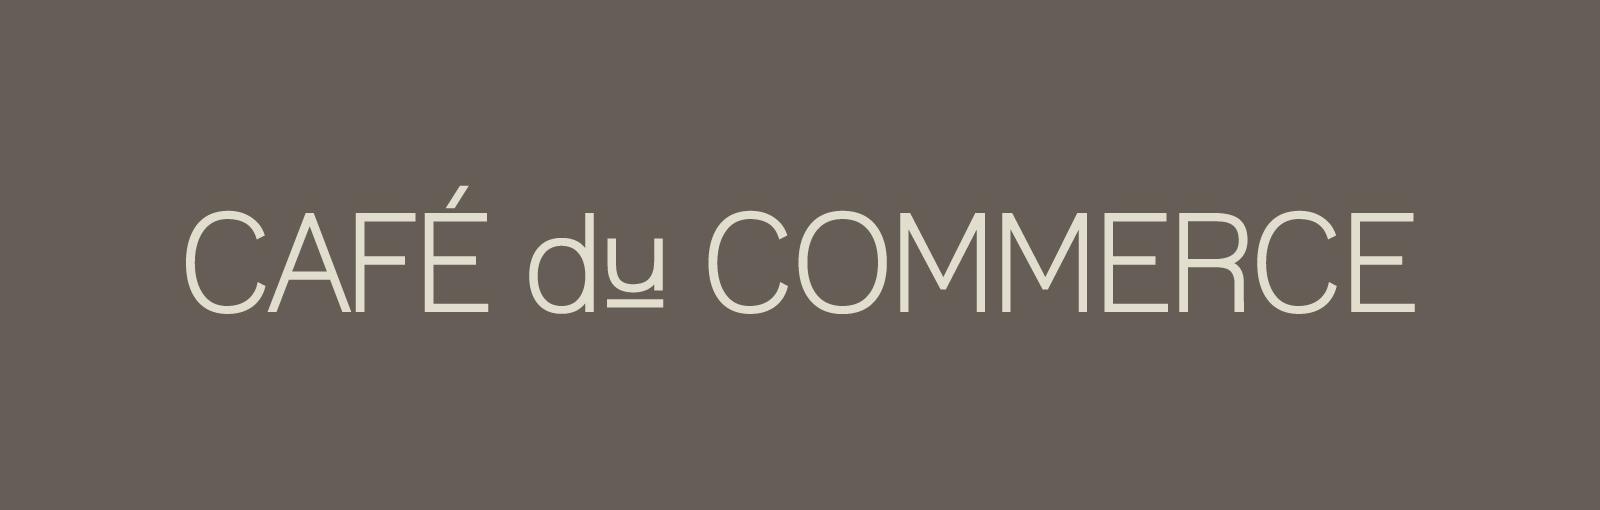 Café du Commerce - Enseigne